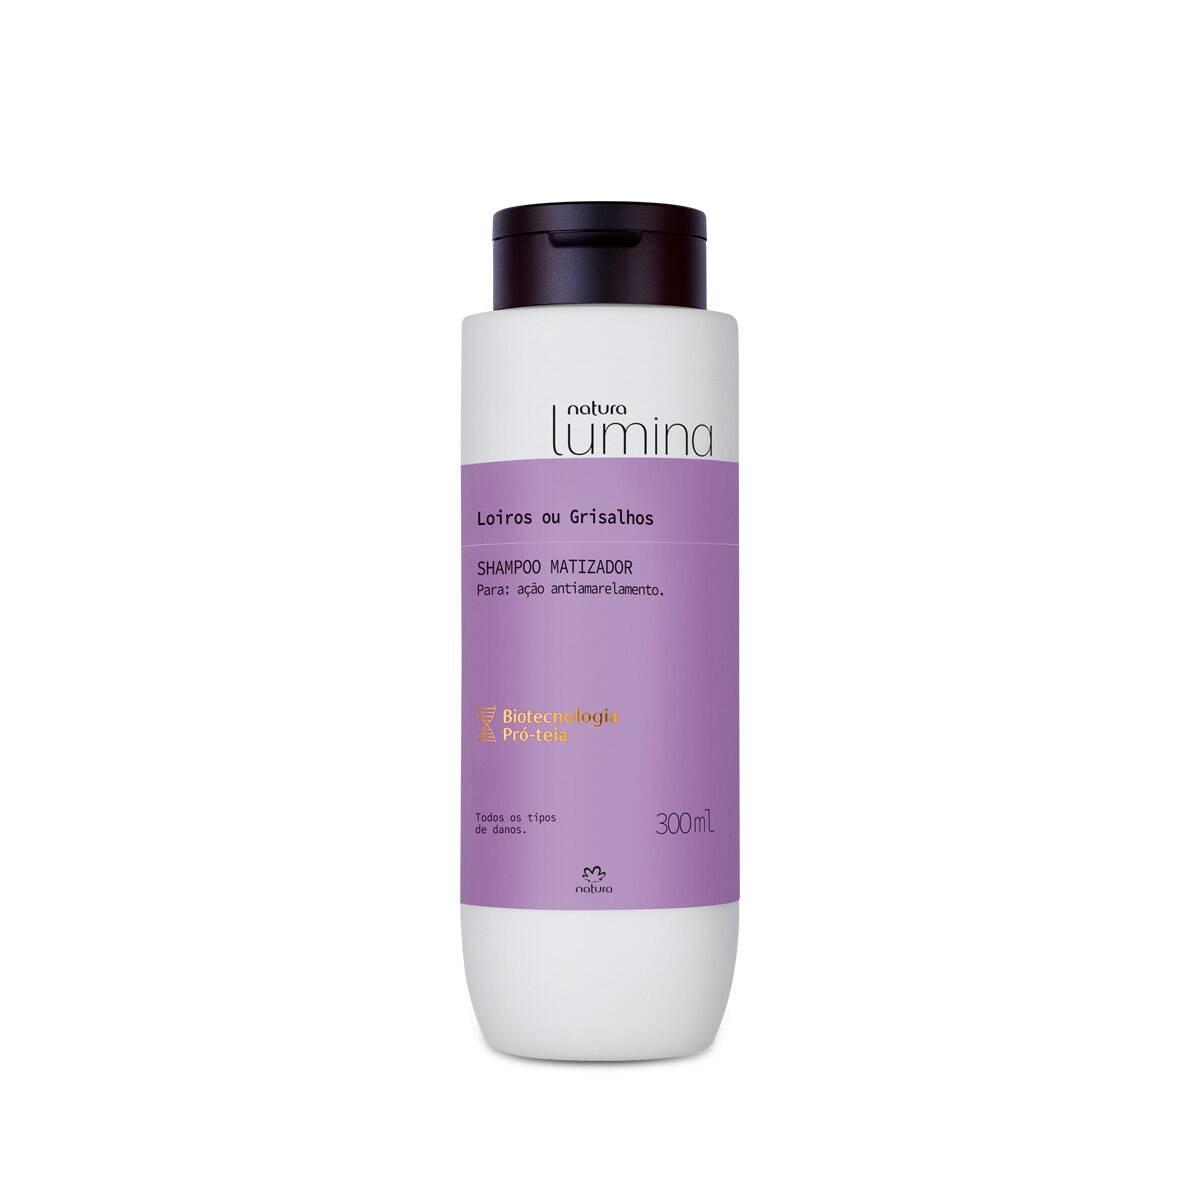 Shampoo Matizador Cabelos Loiros e Grisalhos Lumina 300 ml - Natura